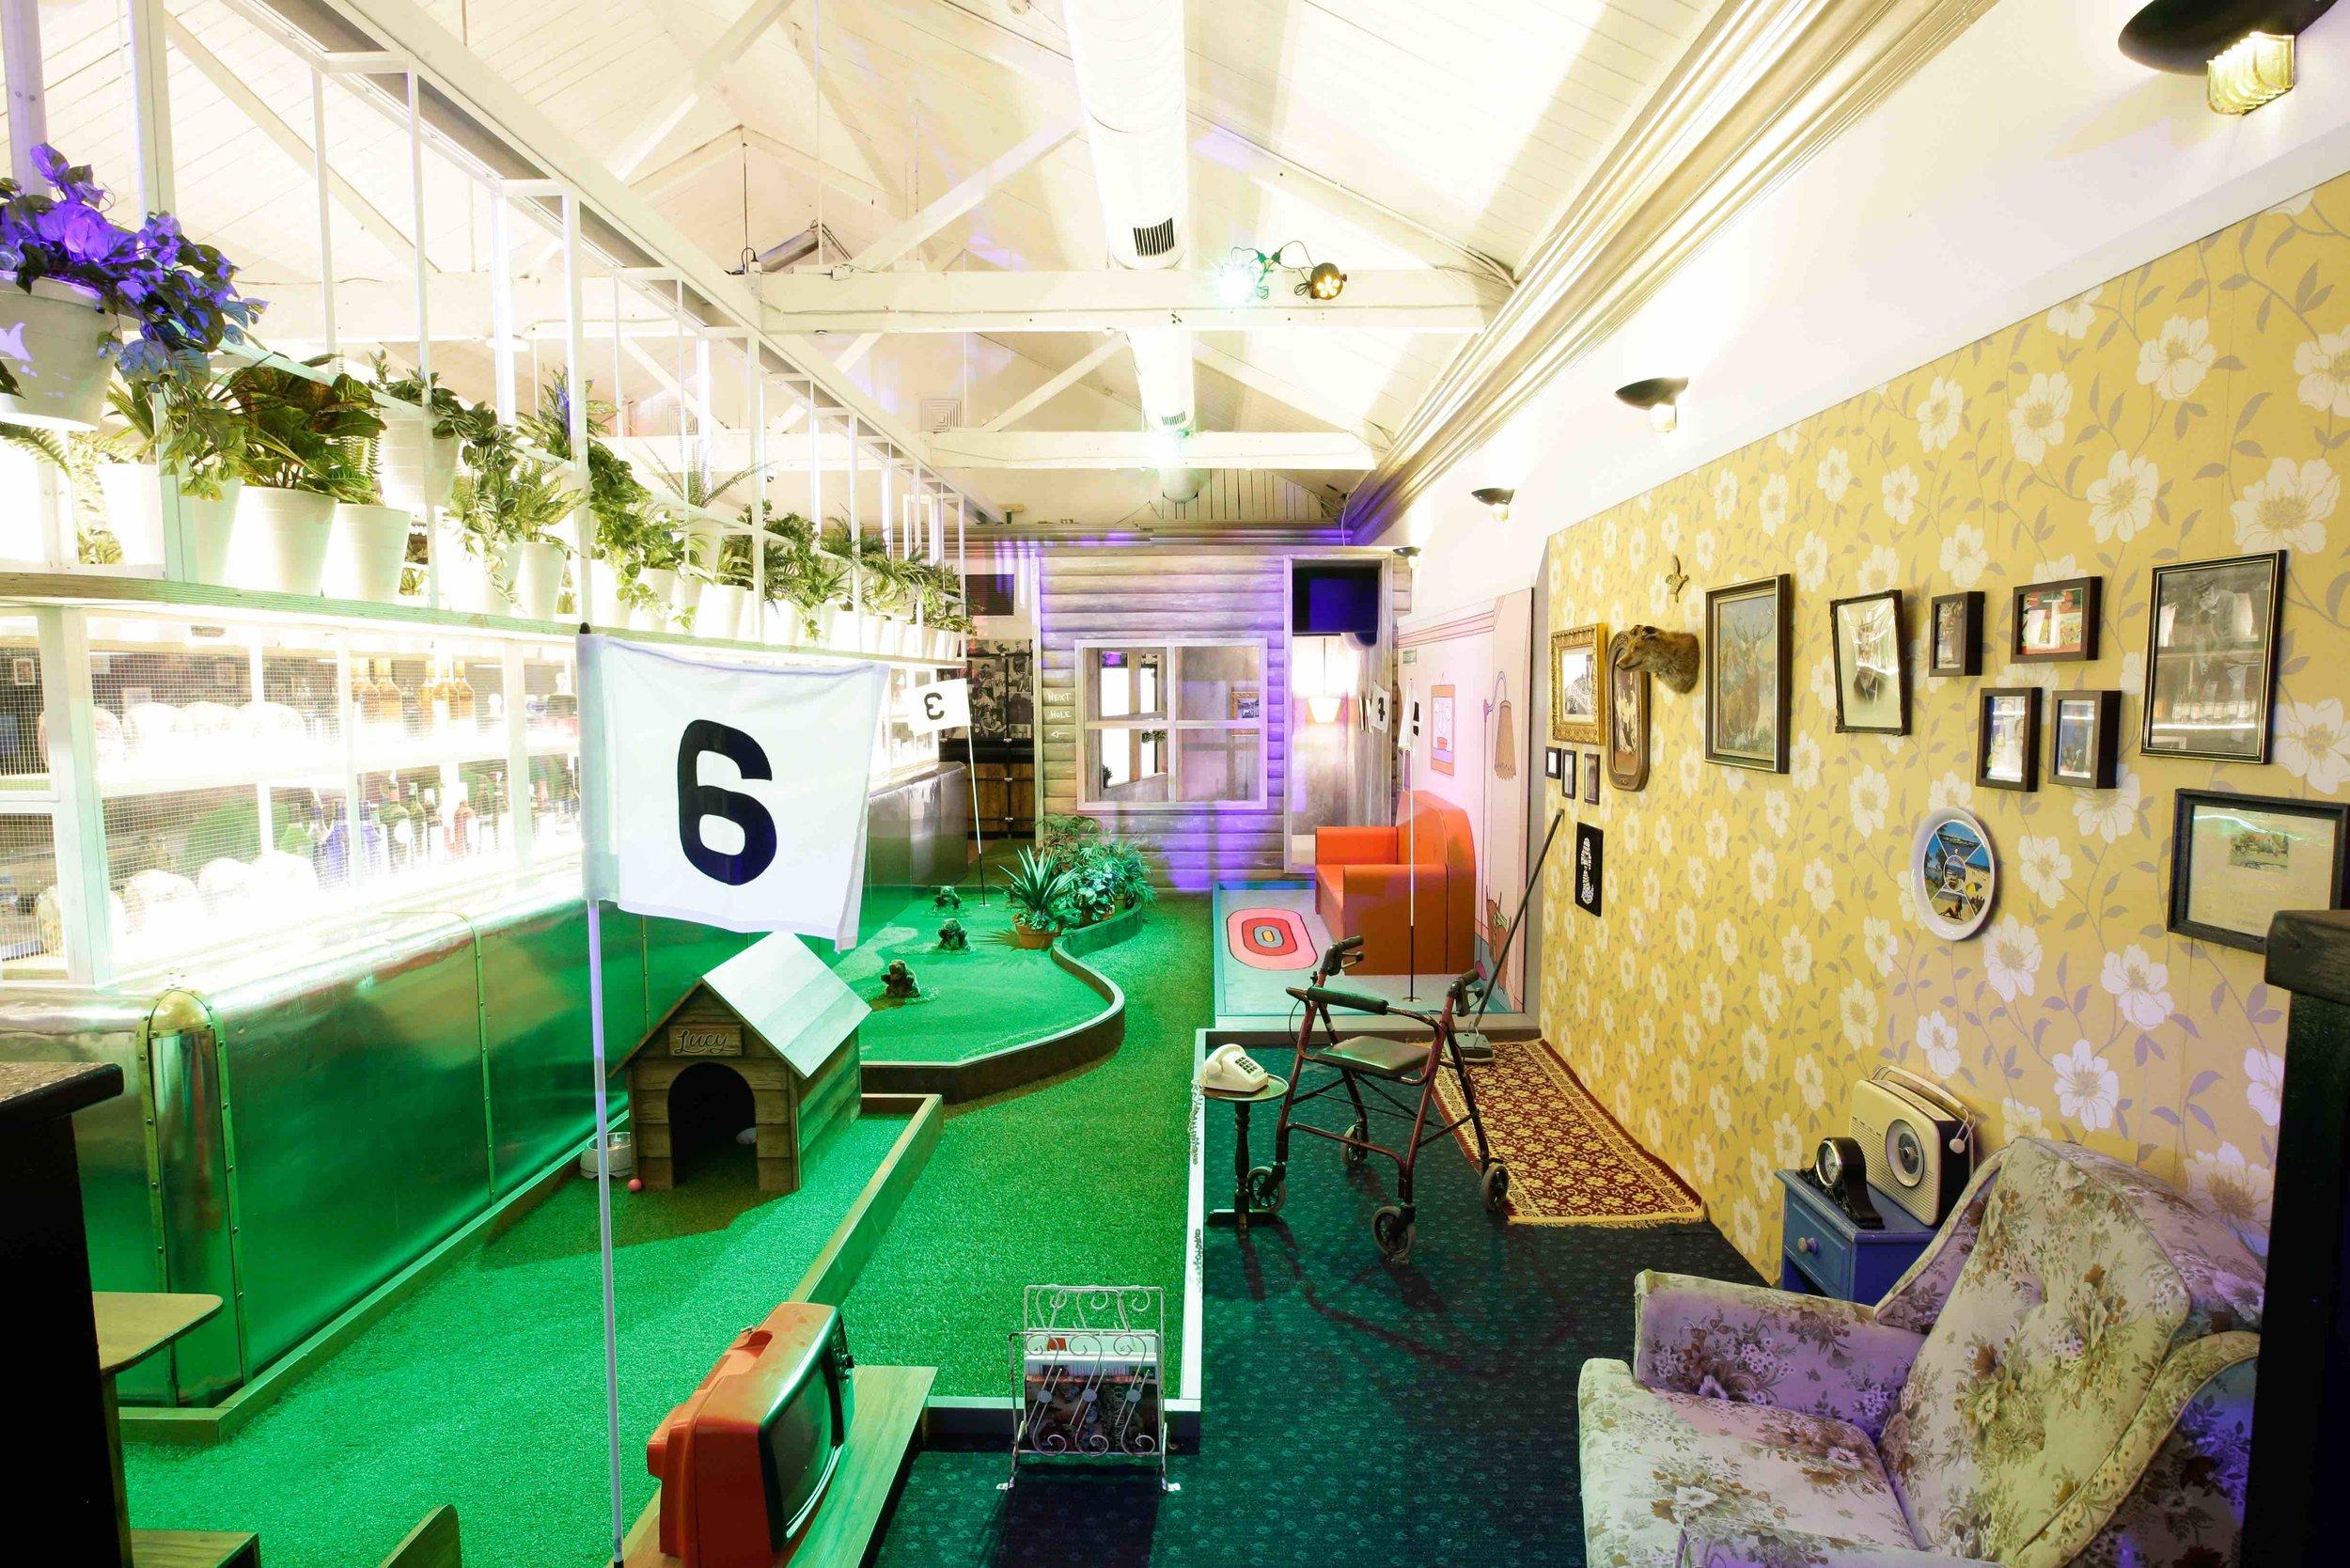 holey-moley-golf-club-launch-2017-interior-1.jpeg